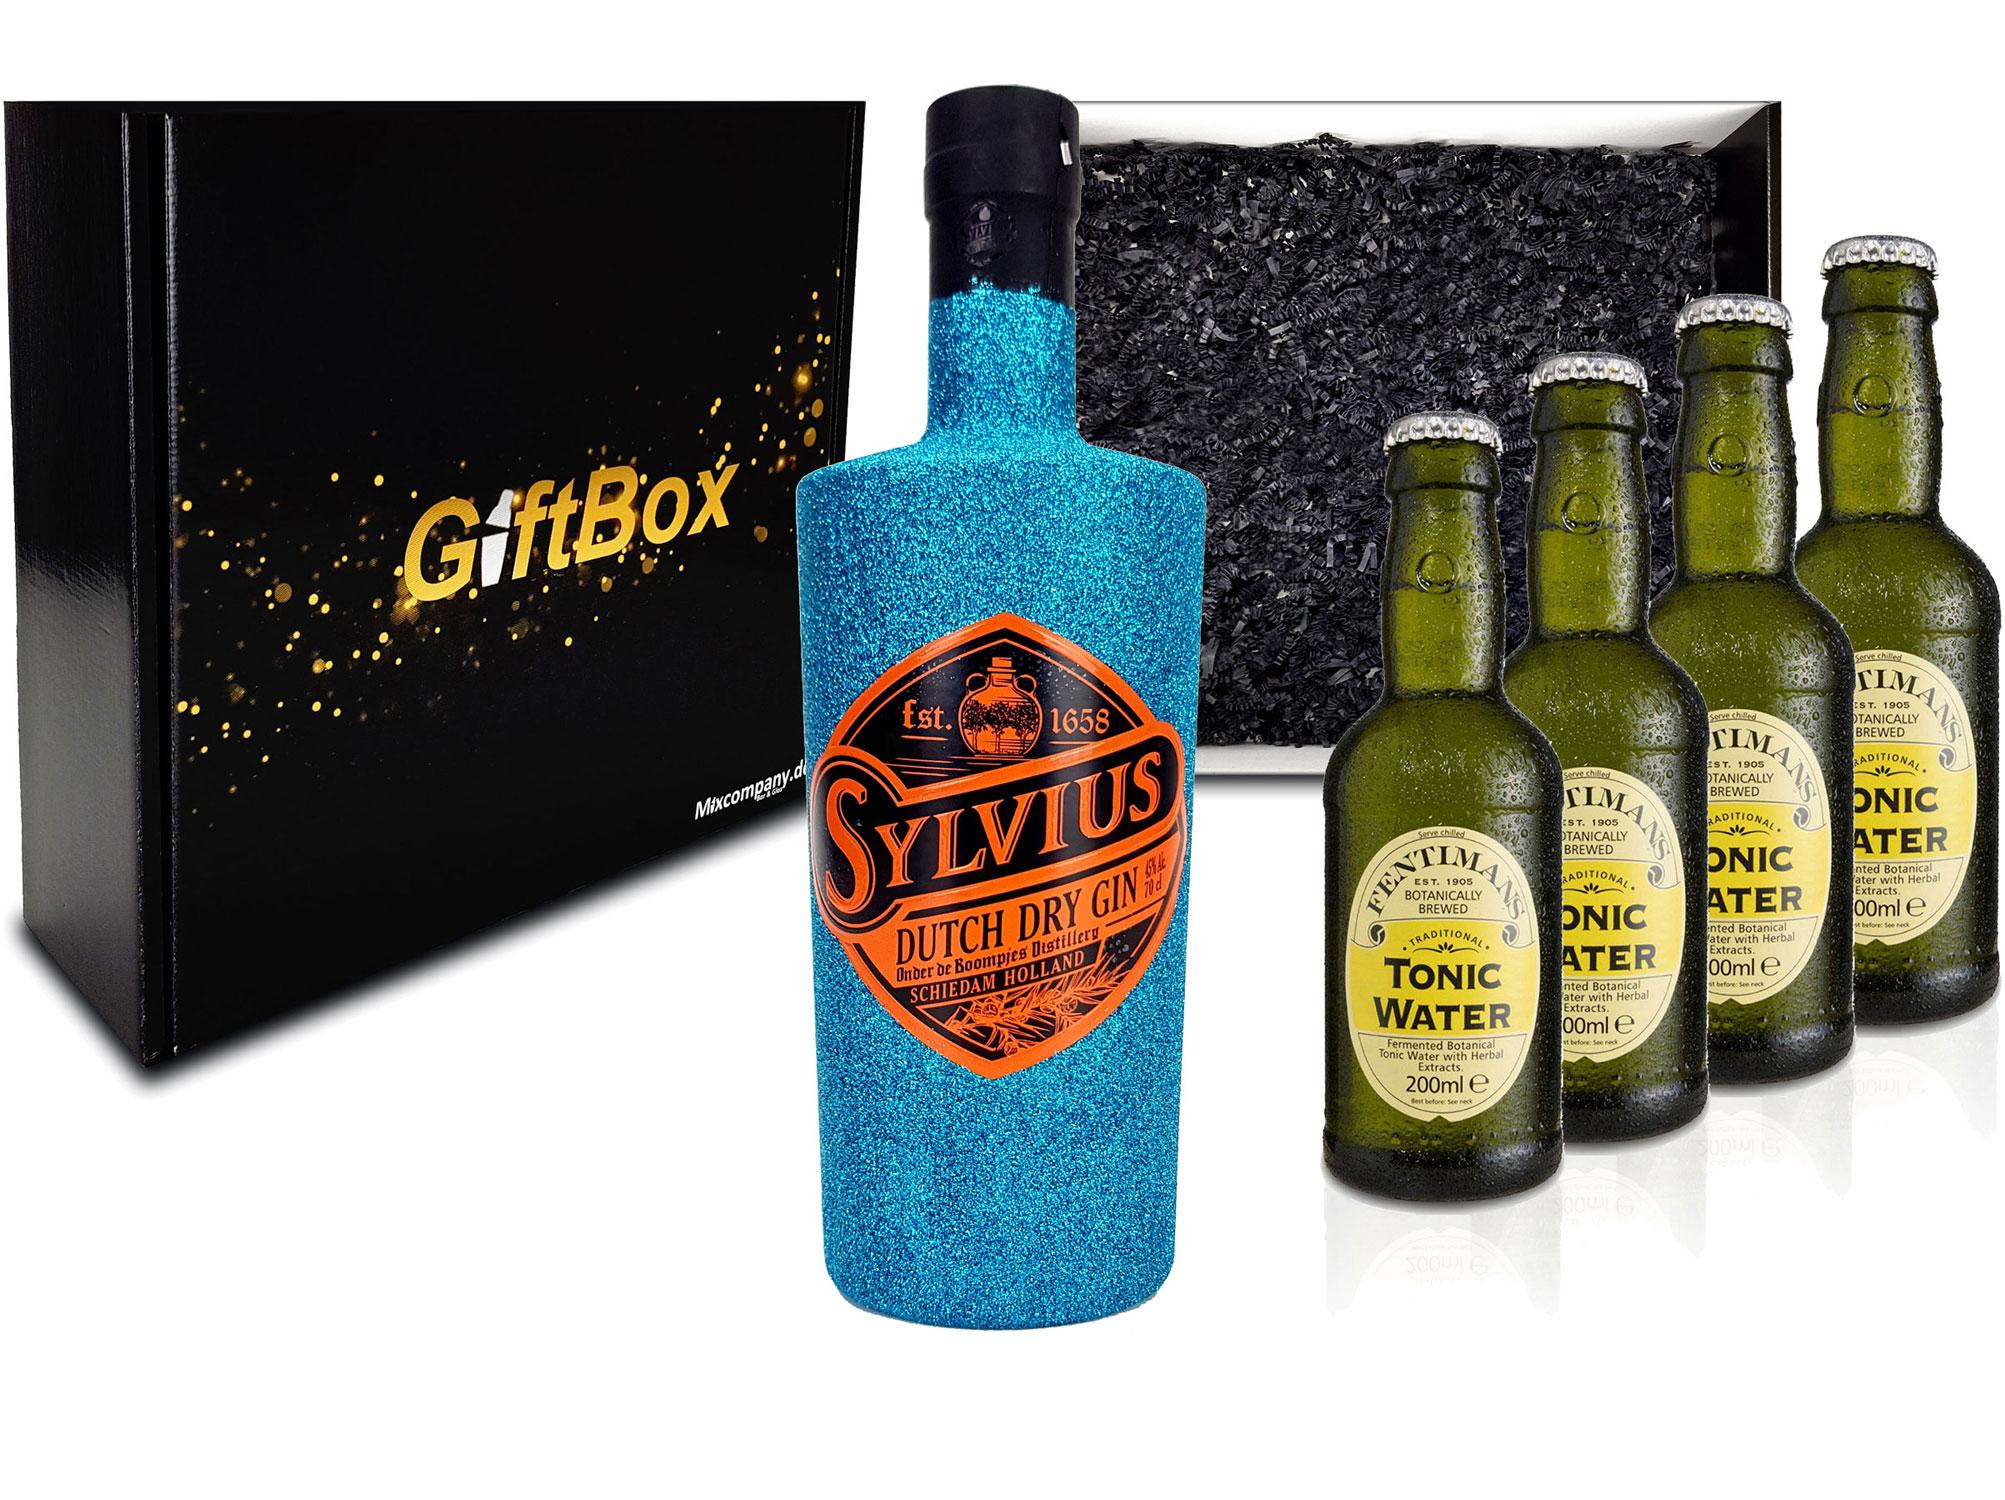 Gin Tonic Giftbox Geschenkset - Sylvius Dutch Gin Bling Bling Glitzerflasche Blau 0,7l 700ml (45% Vol) + 4x Fentimans Tonic Water 200ml inkl. Pfand MEHRWEG - [Enthält Sulfite]